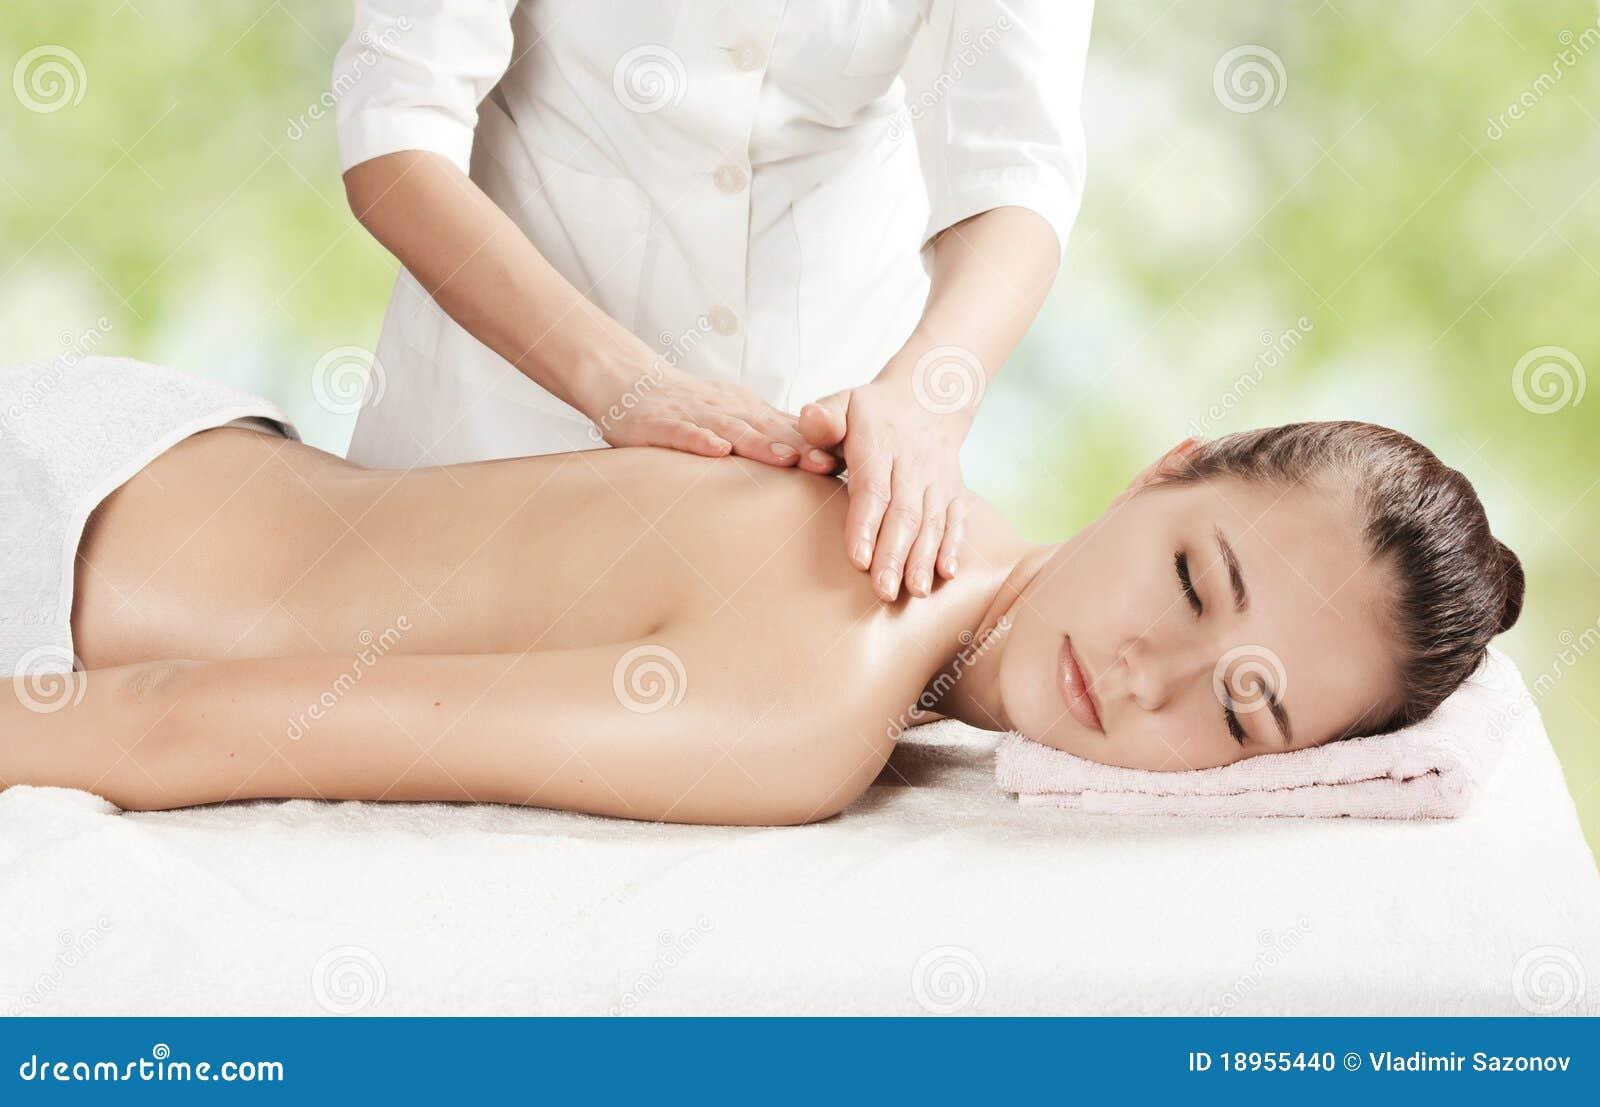 Menina bonita que começ uma massagem